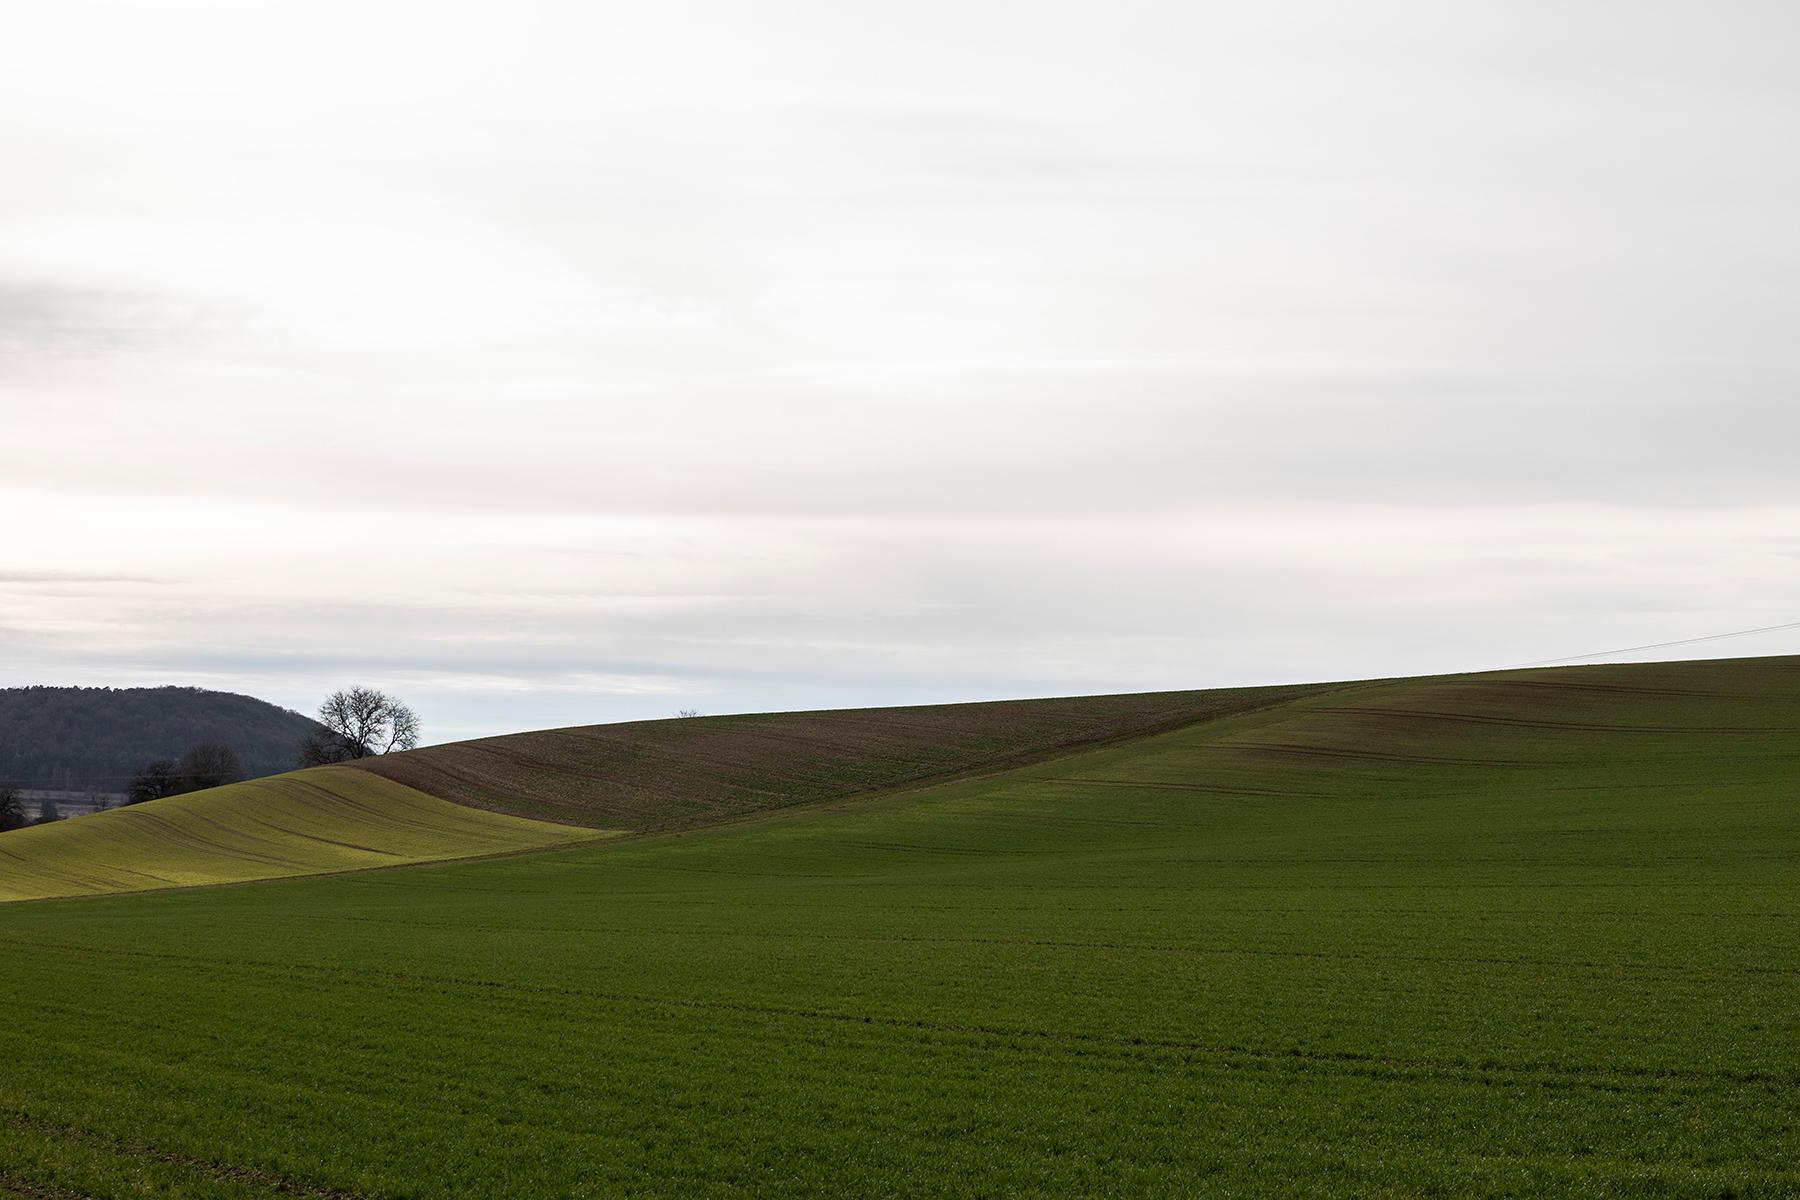 Frische Saat fotografiert mit Sigma 24-70 mm Arts